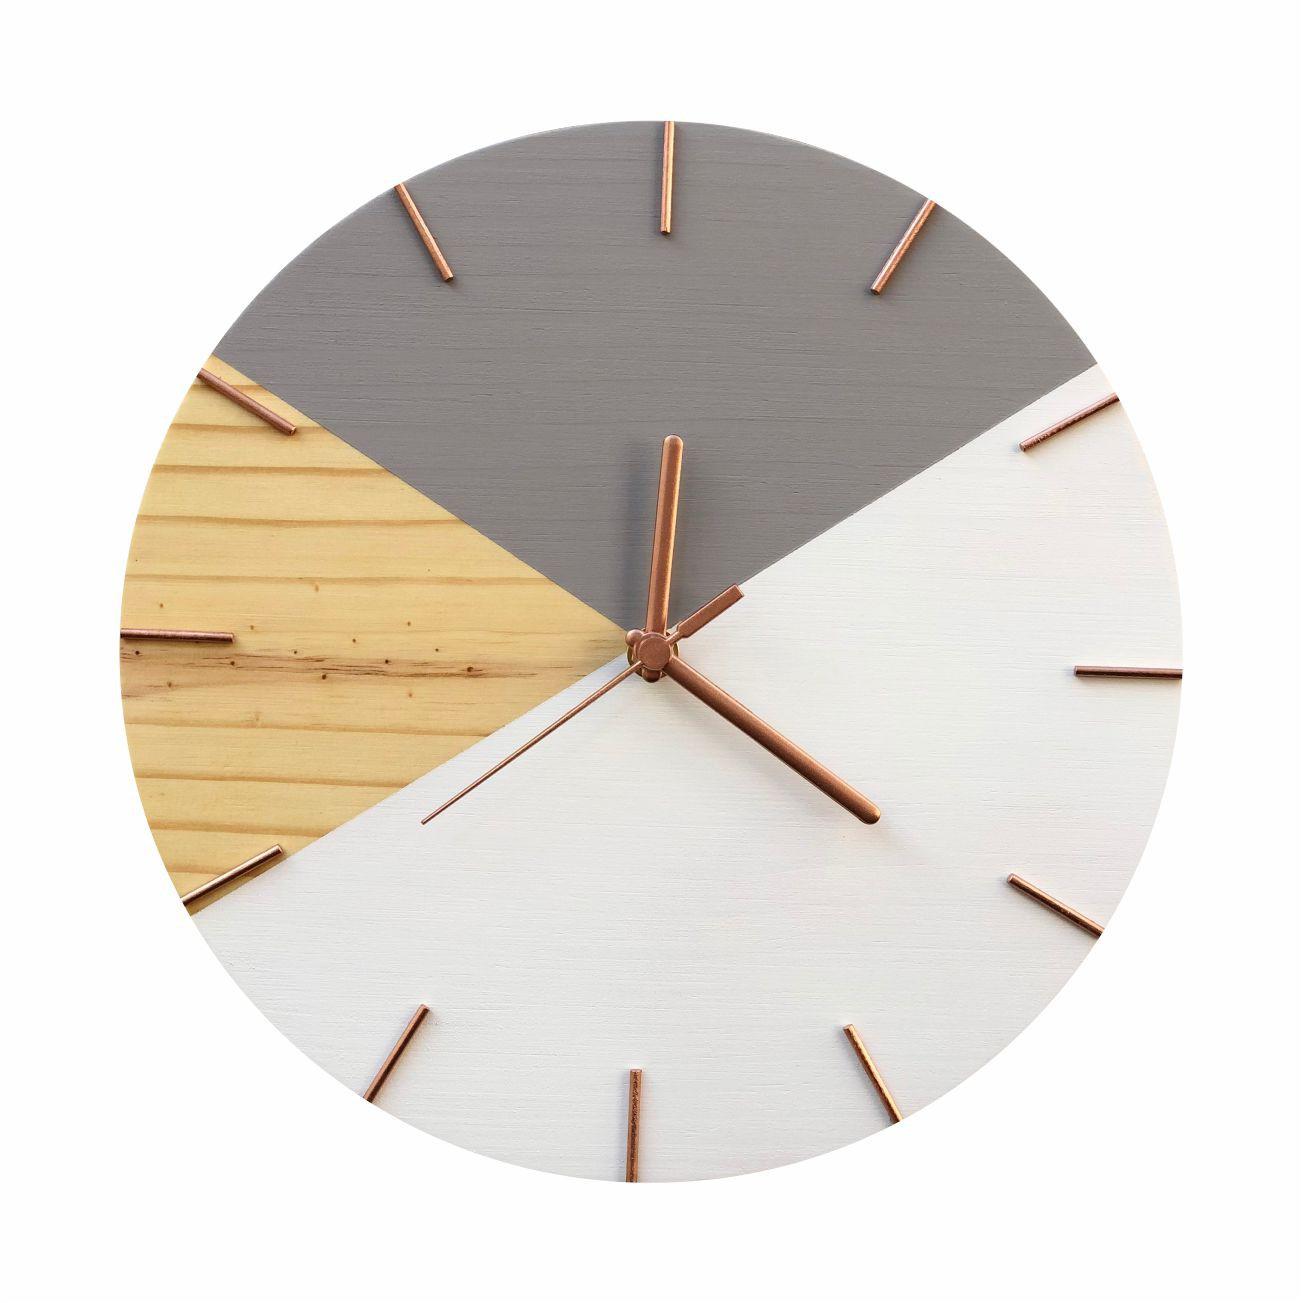 Relógio de Parede Geométrico Branco e Cinza com Ponteiros Rosê Gold